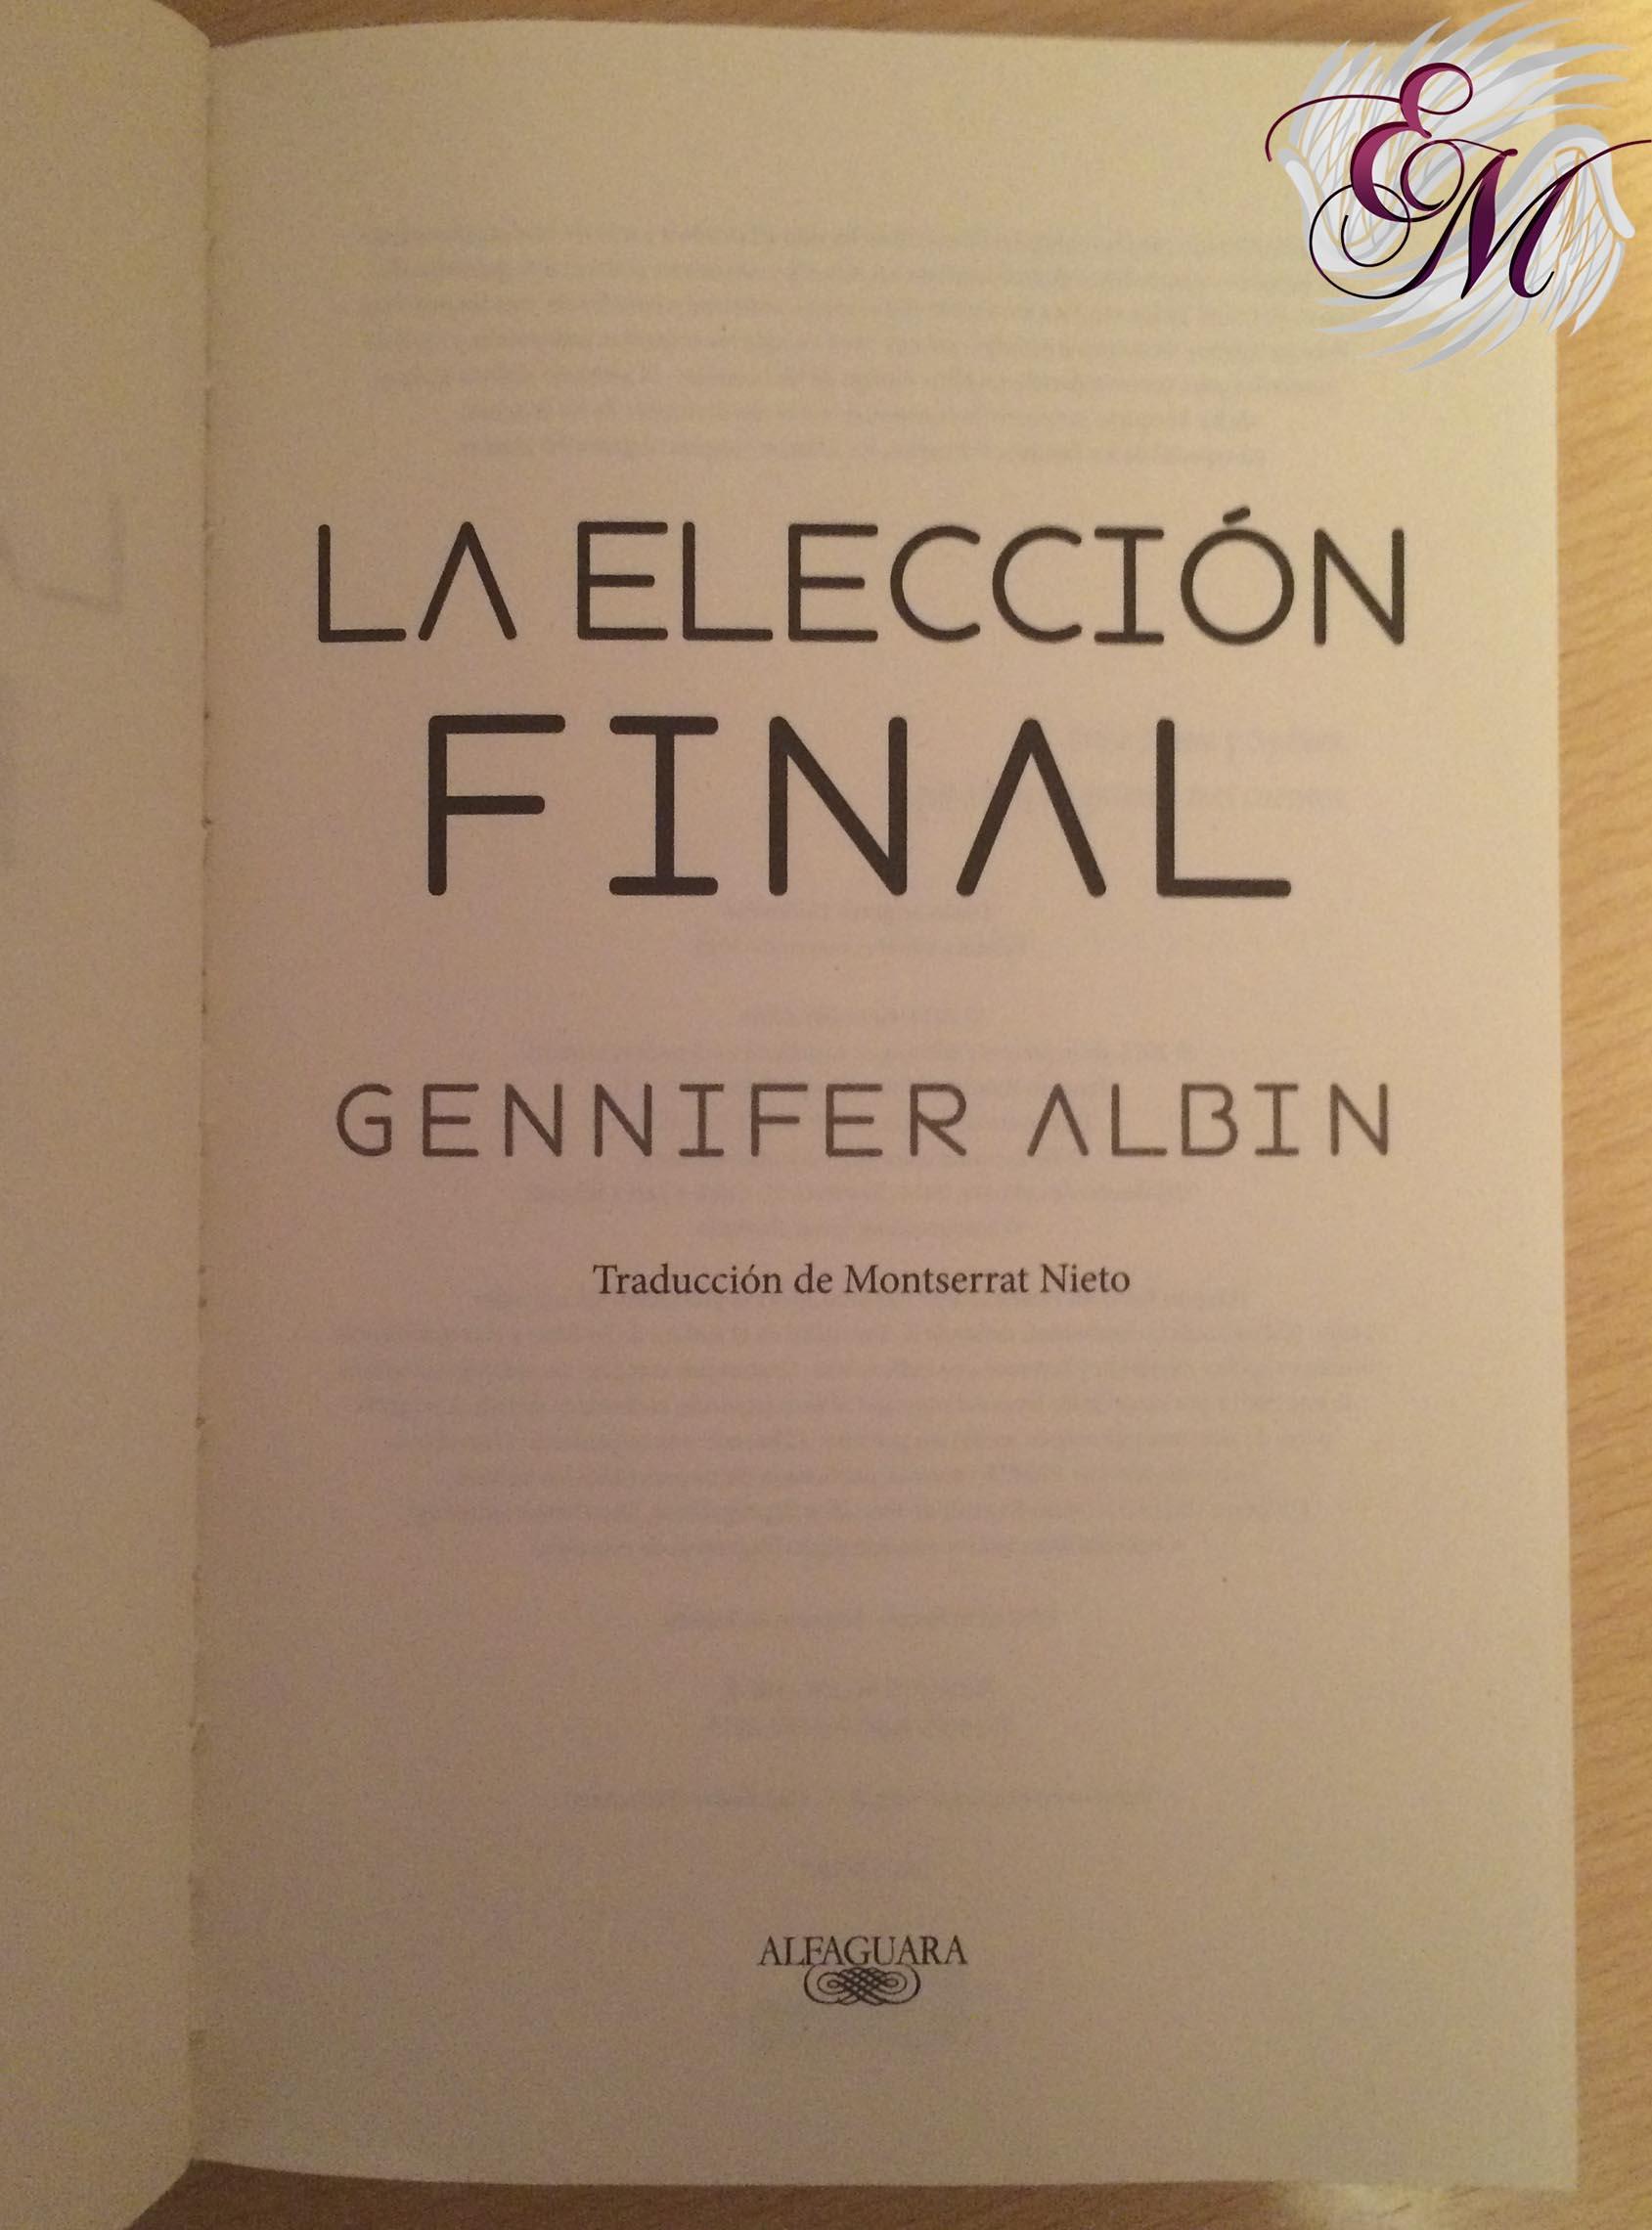 La elección final, de Gennifer Albin - Reseña